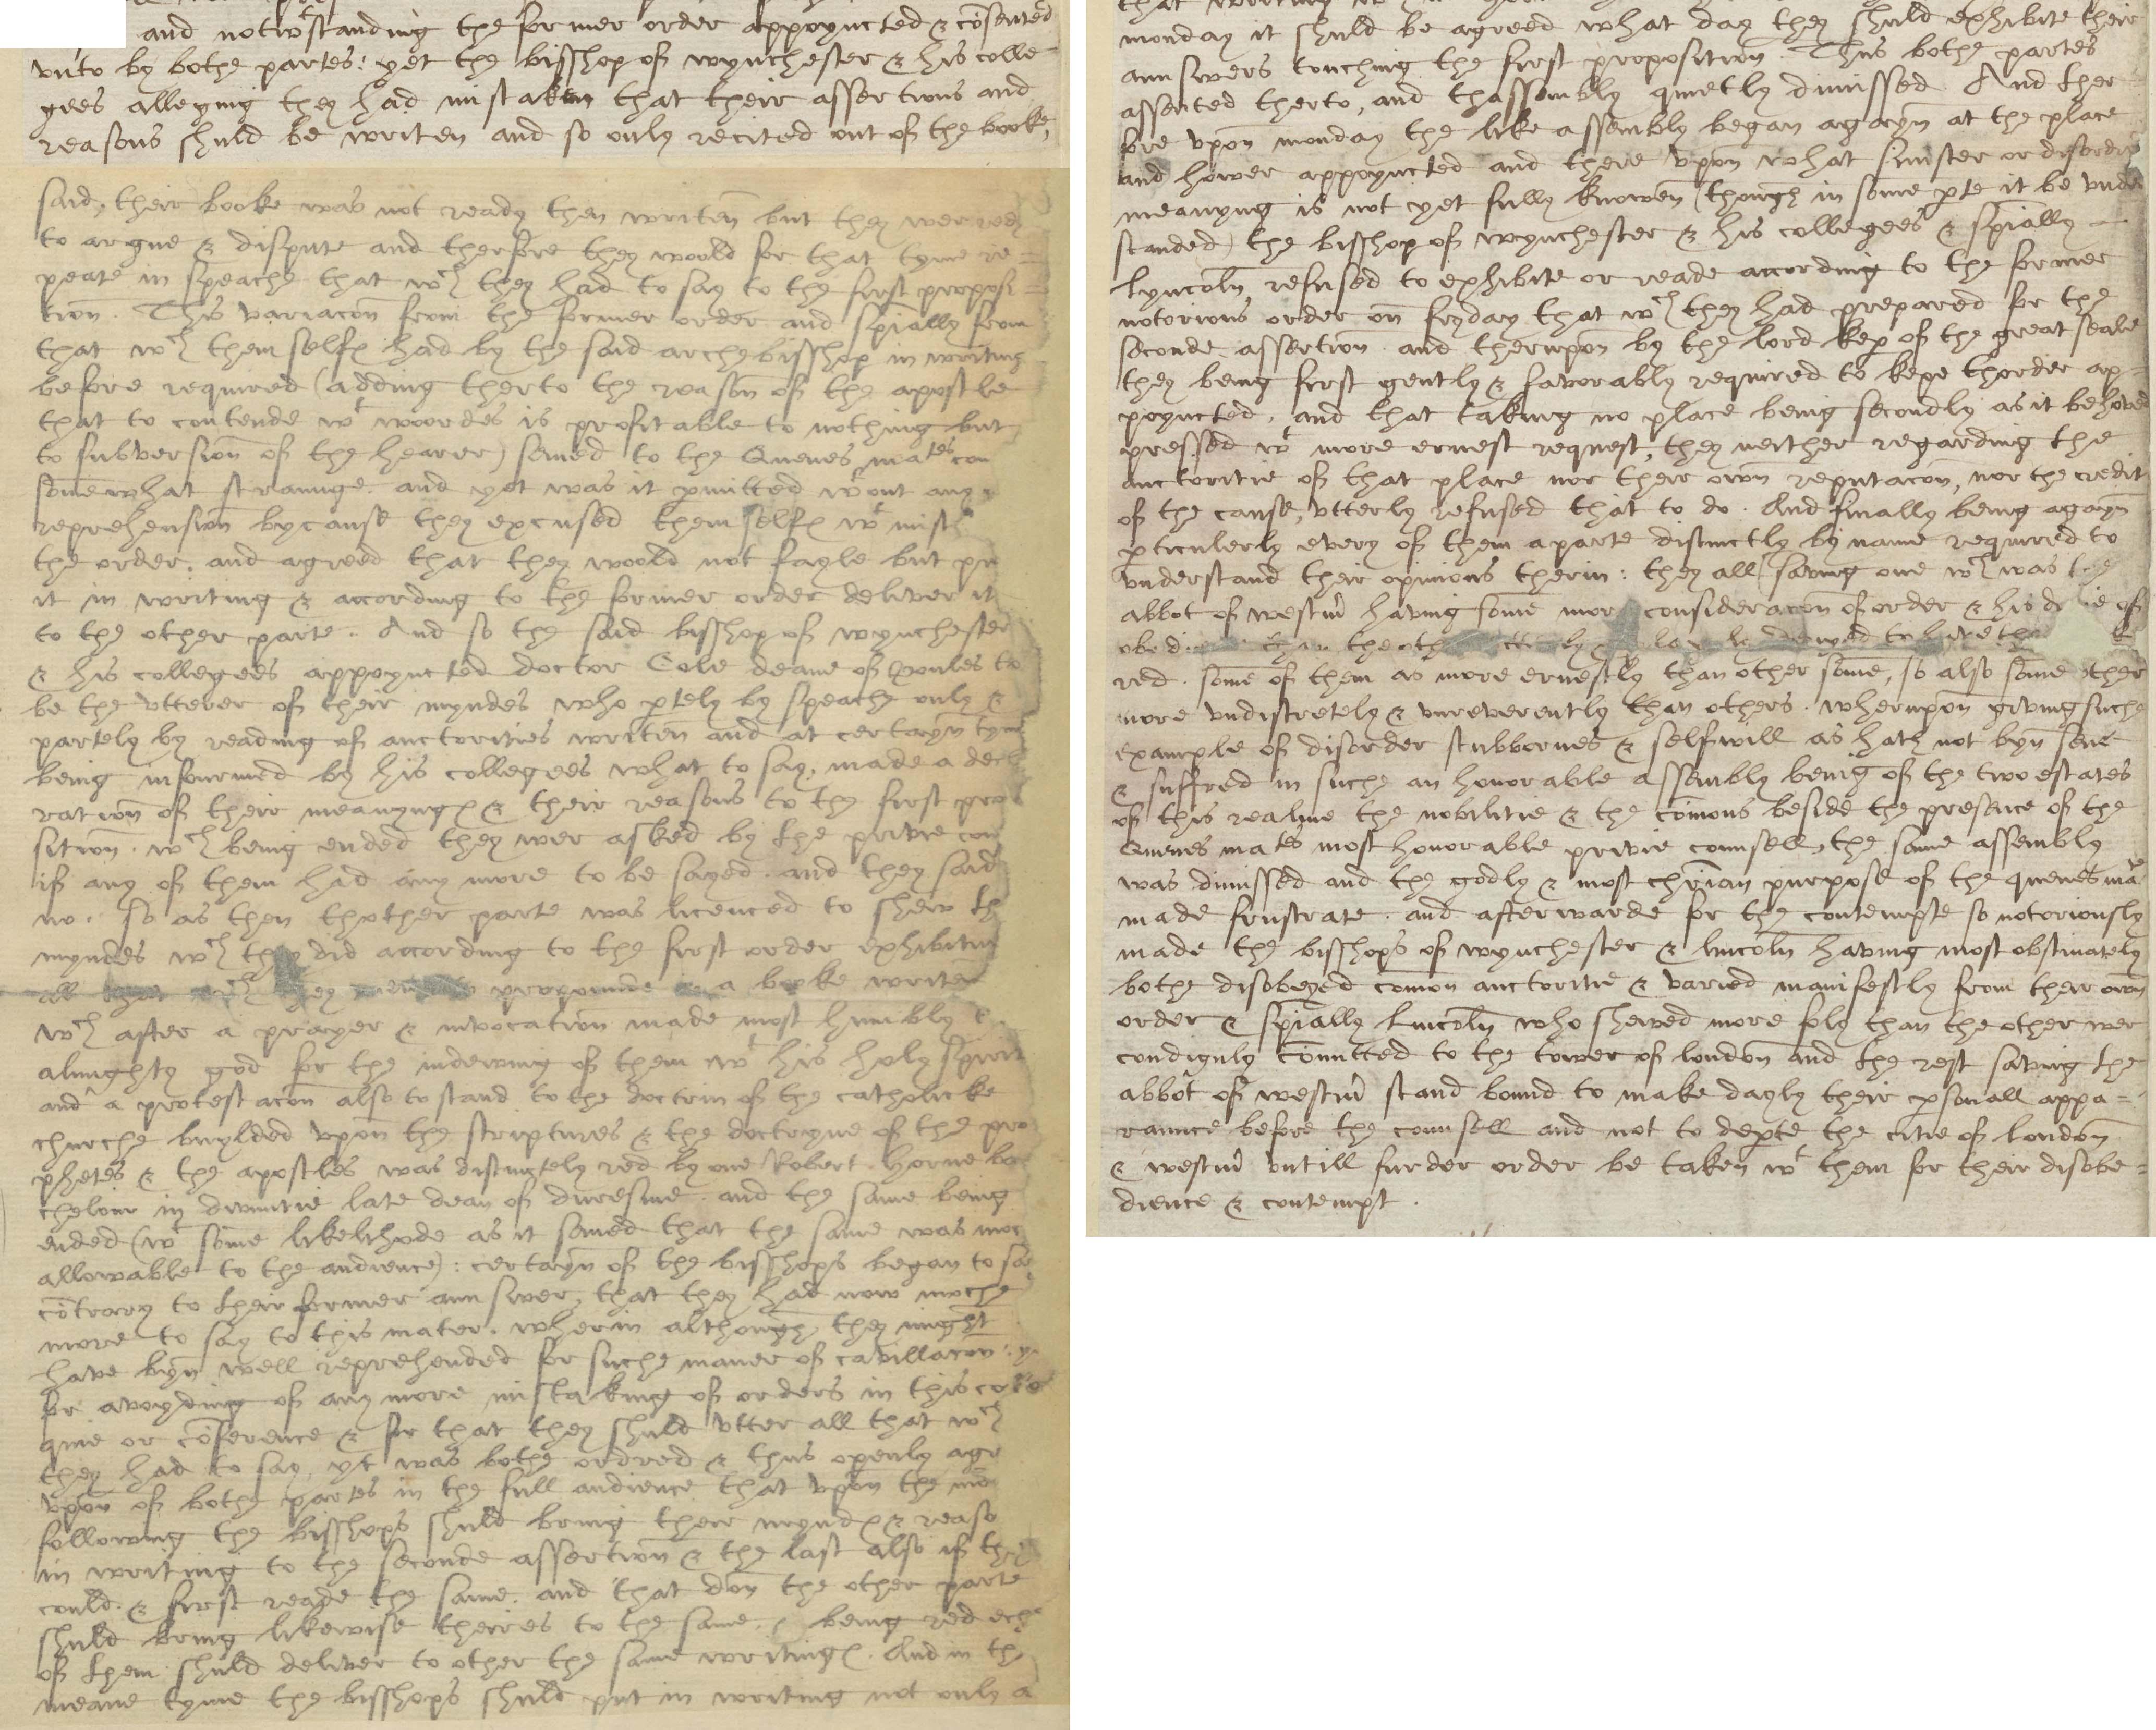 elizabethan settlement essay